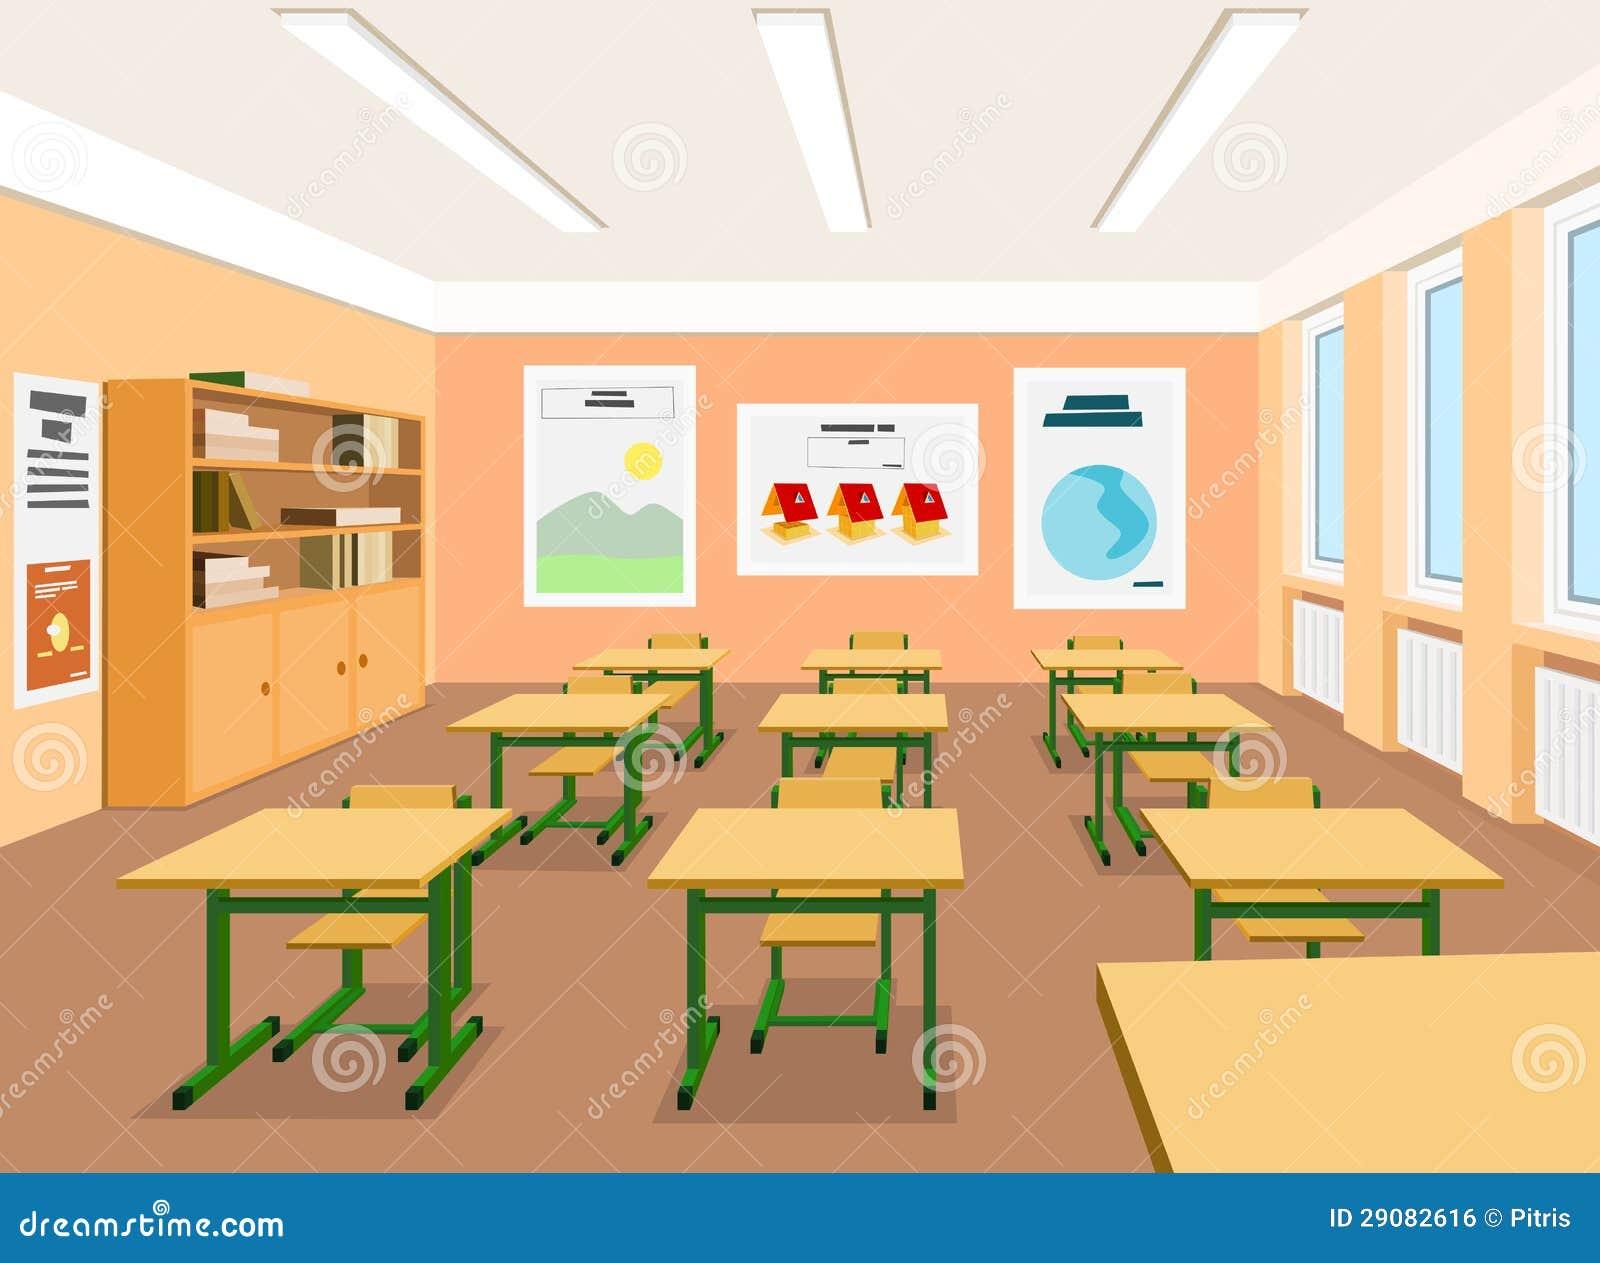 Modern Art Classroom ~ Illustratie van een leeg klaslokaal vector